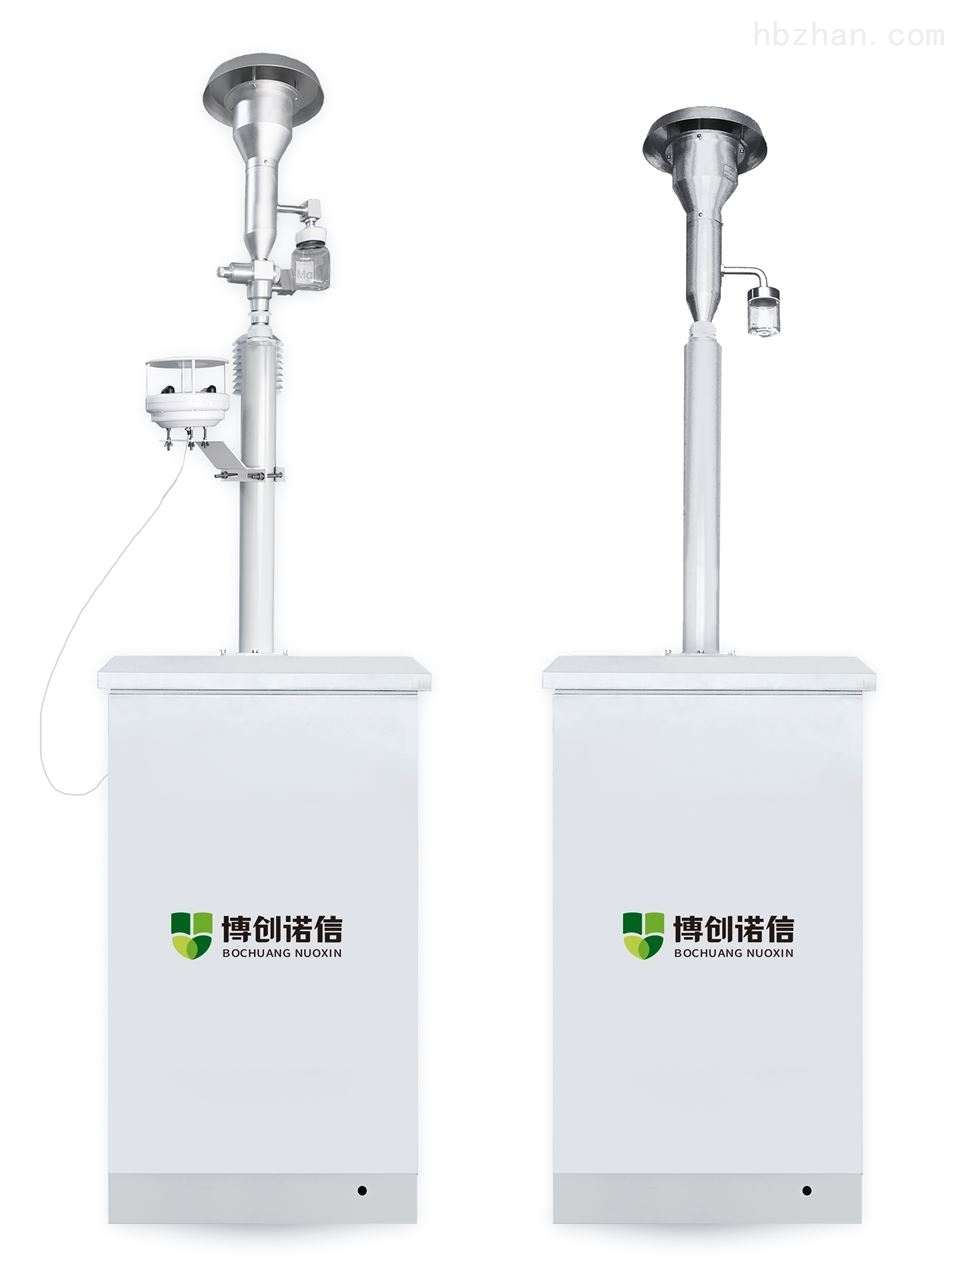 环境空气网格化监测系统